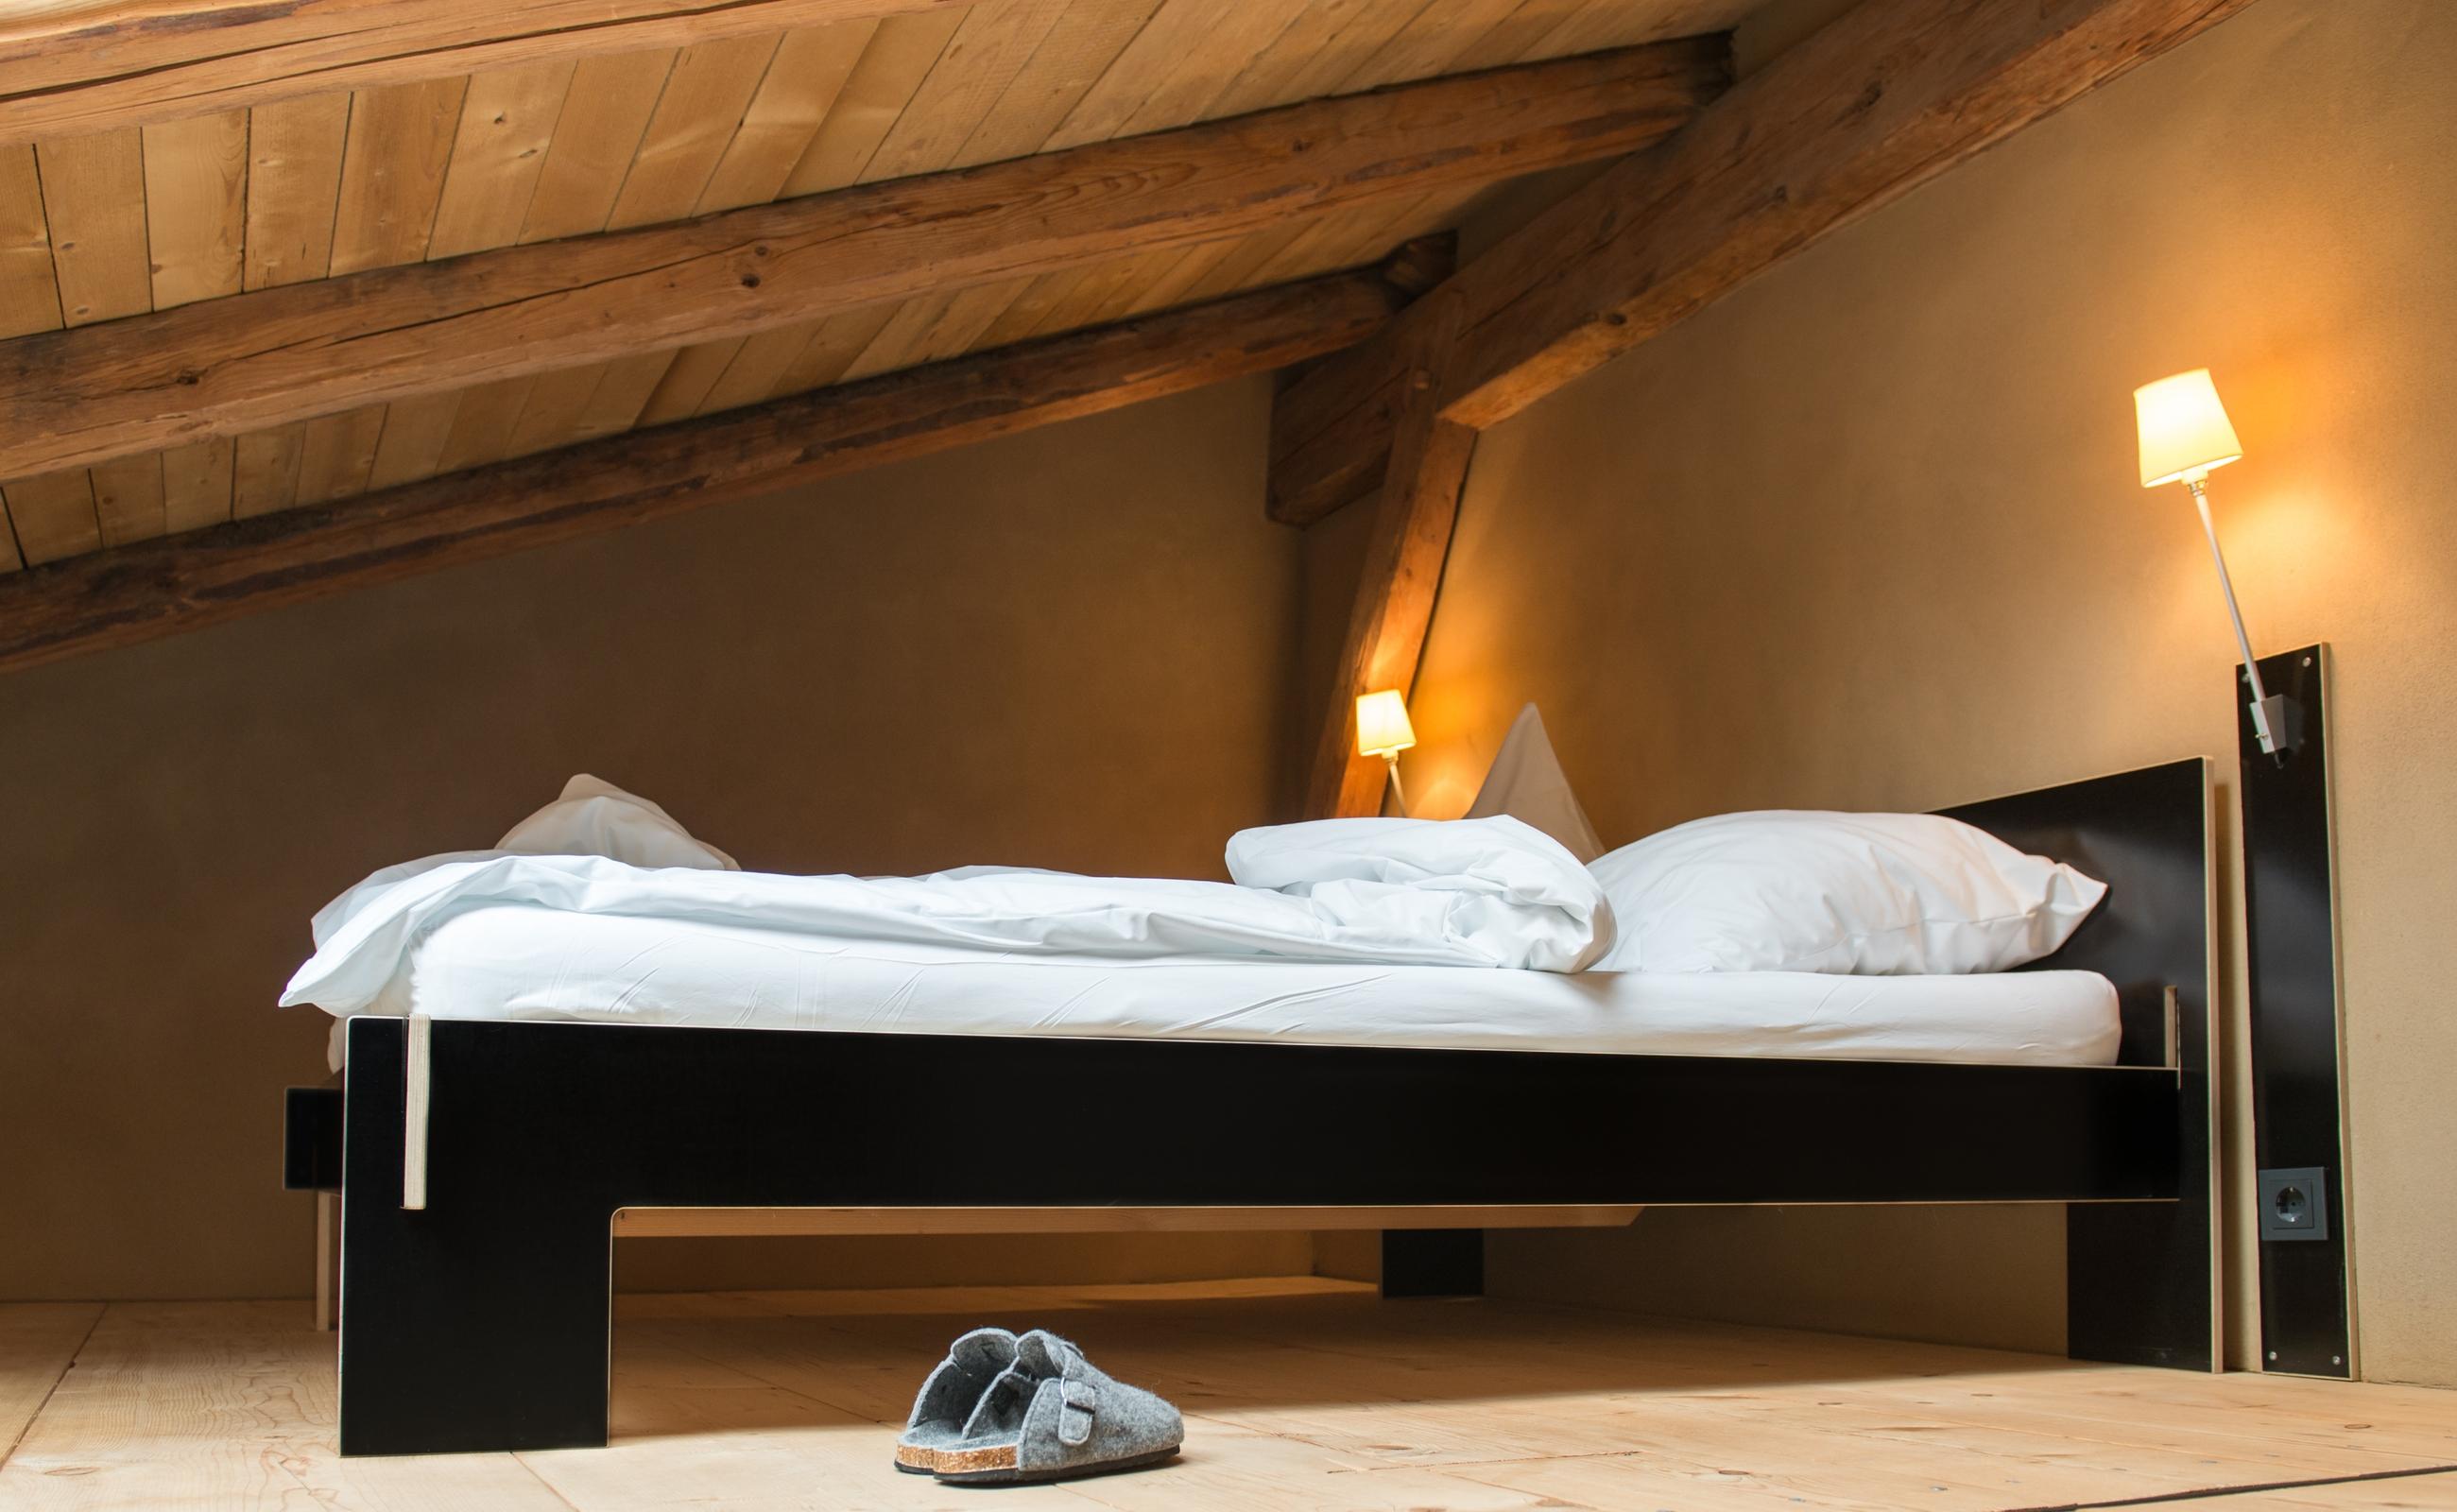 Wohnideen Luzern bett siebenschläfer nils holger moormann wohnidee luzern wohnidee